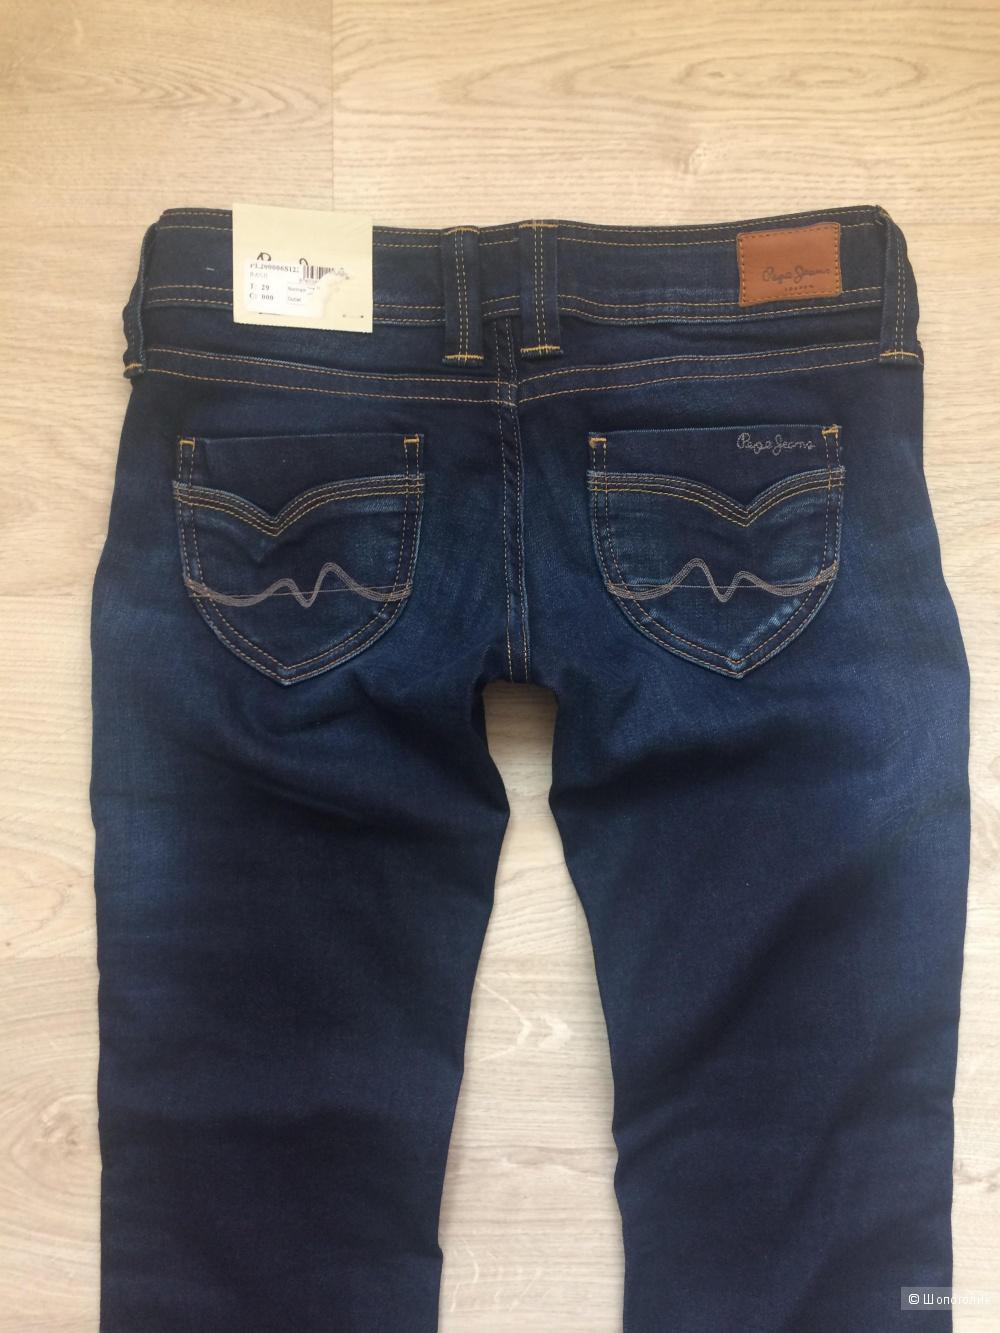 Джинсы Pepe jeans London , 29/34 , на 44-46 размер